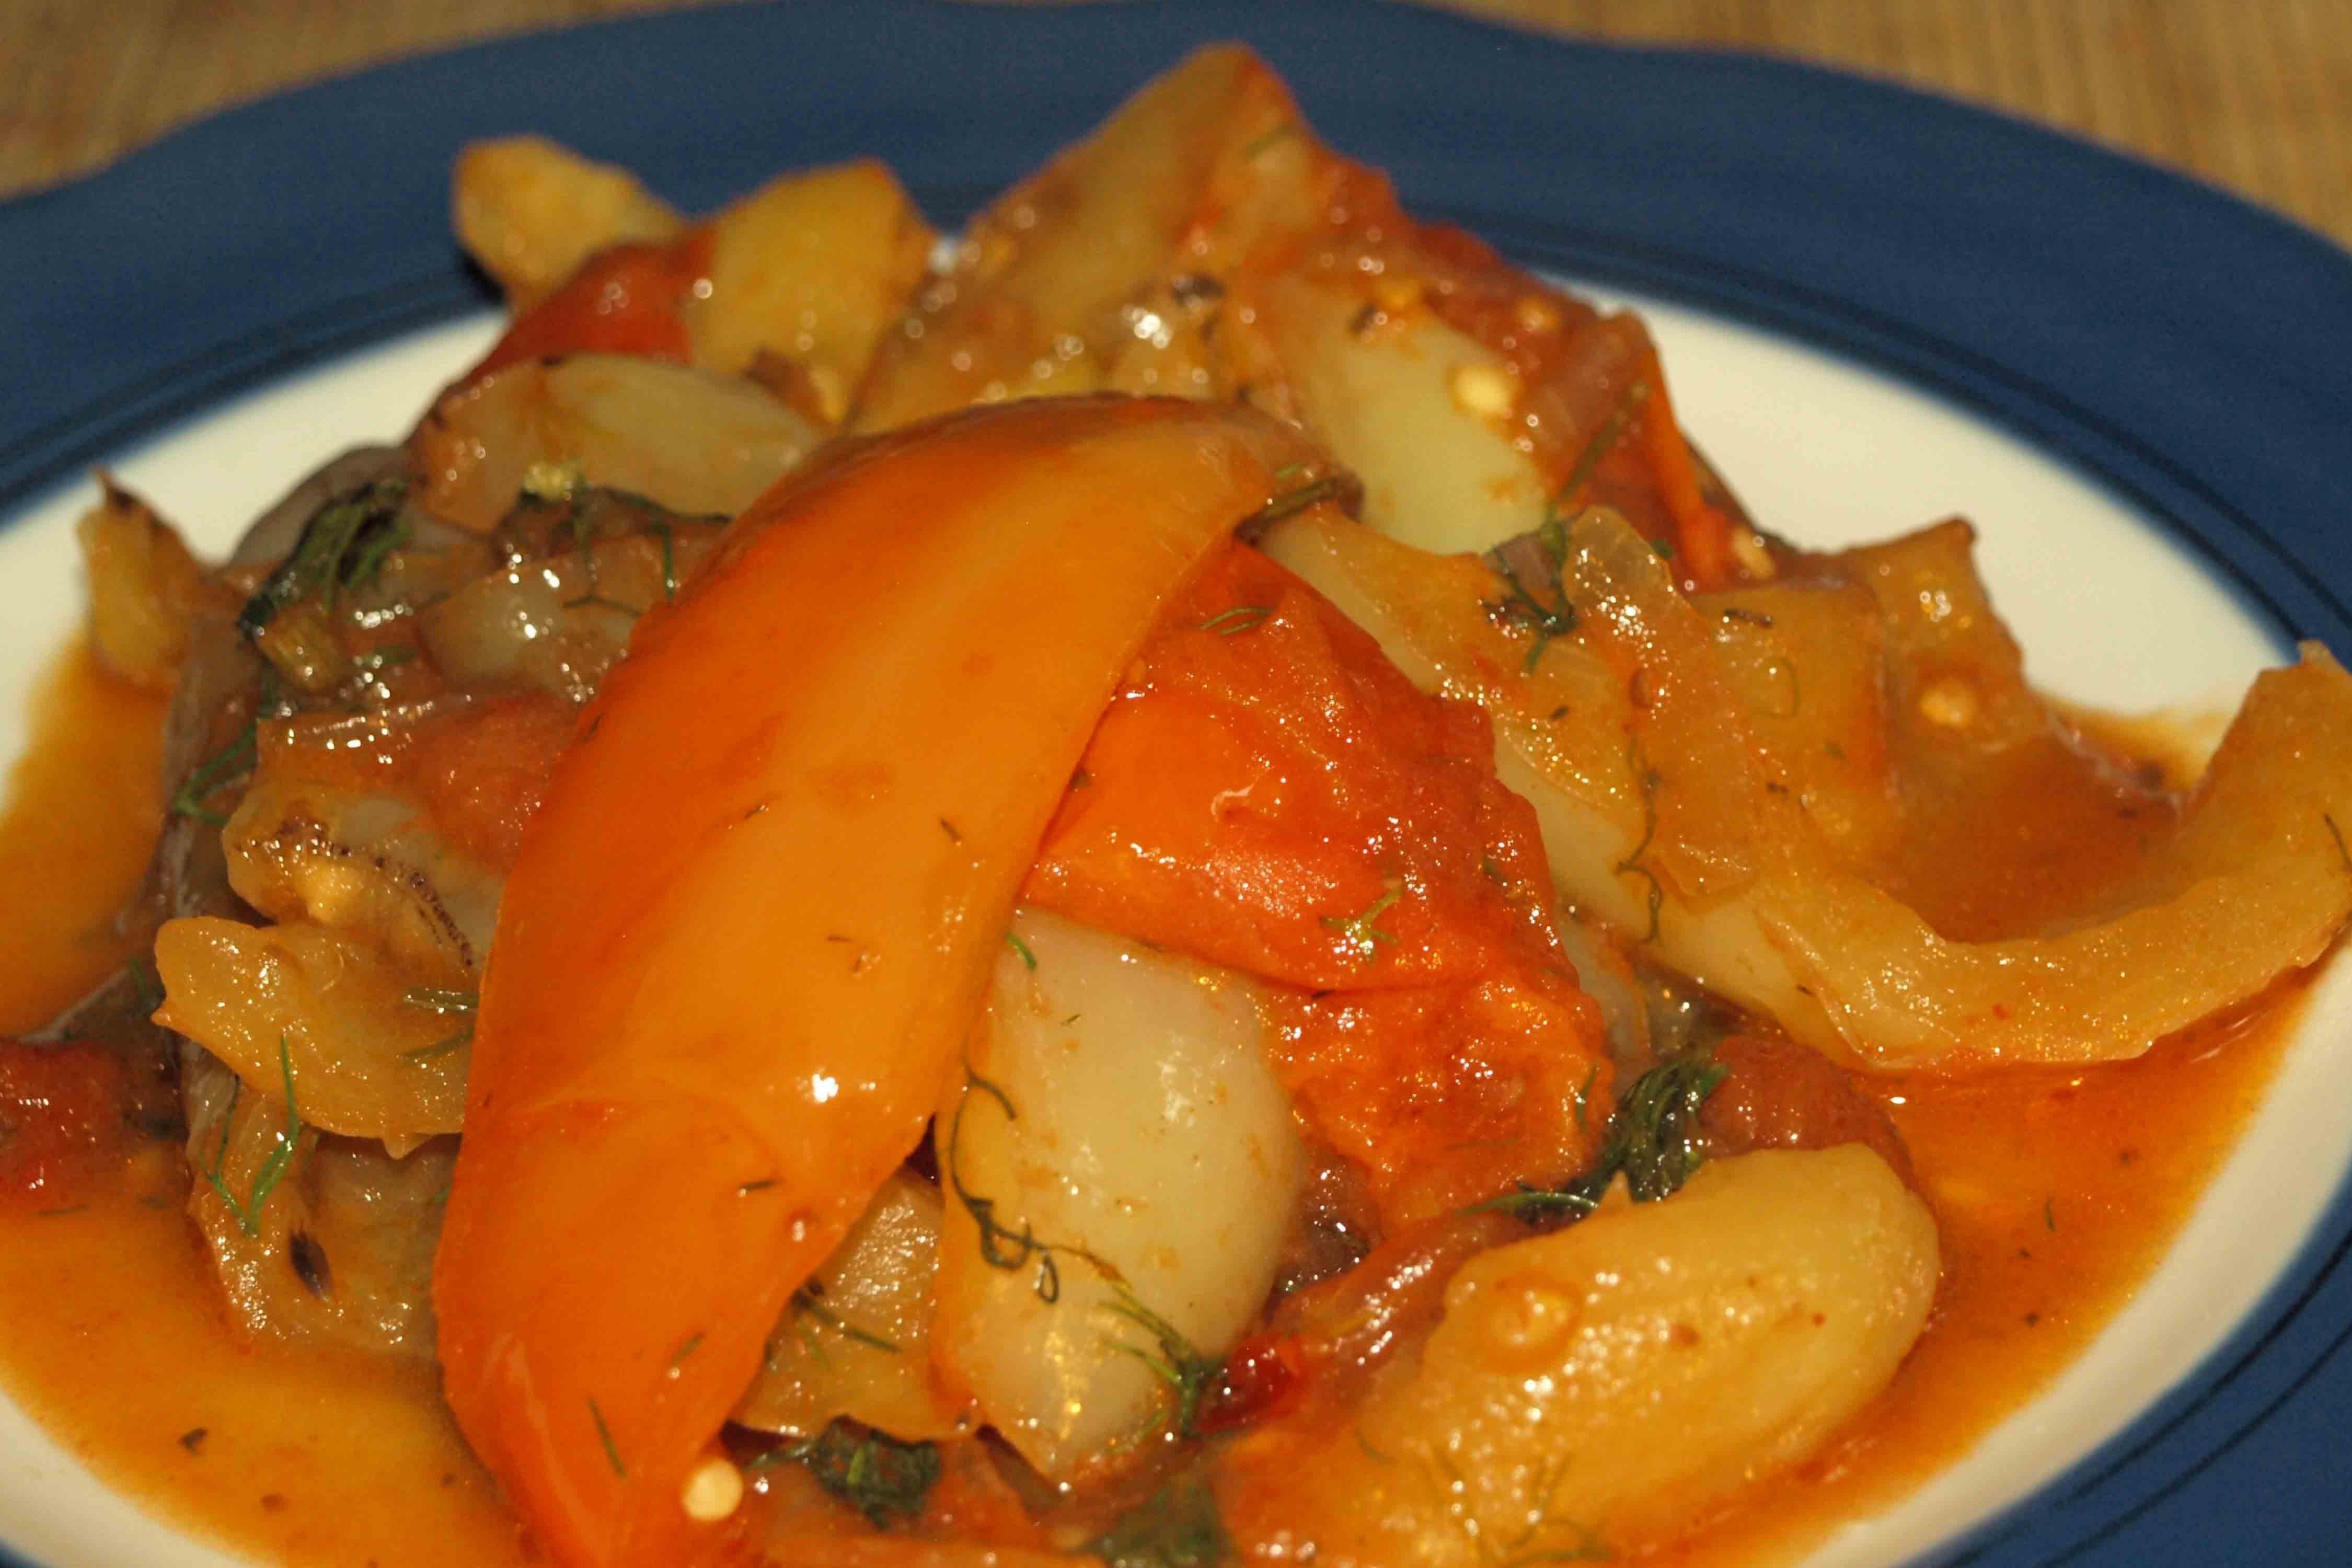 Жаренный перец сладкий с луком пошаговыйрецепт